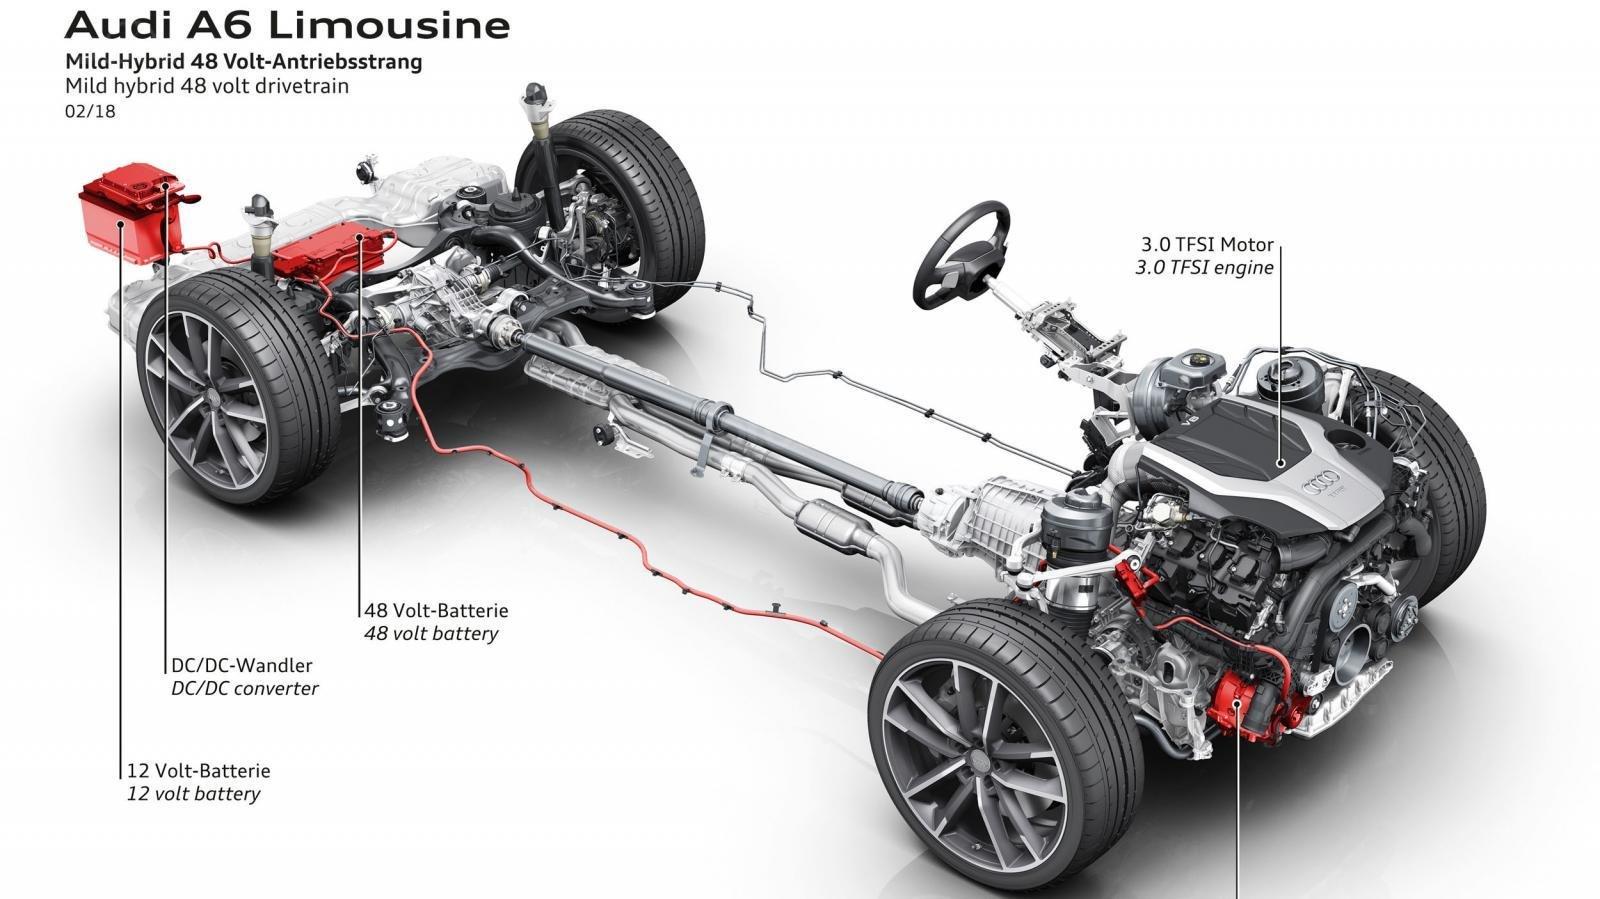 Ưu nhược điểm Audi A6 2019: Tiết kiệm nhiên liệu, thân thiện môi trường, hạn chế khí thải